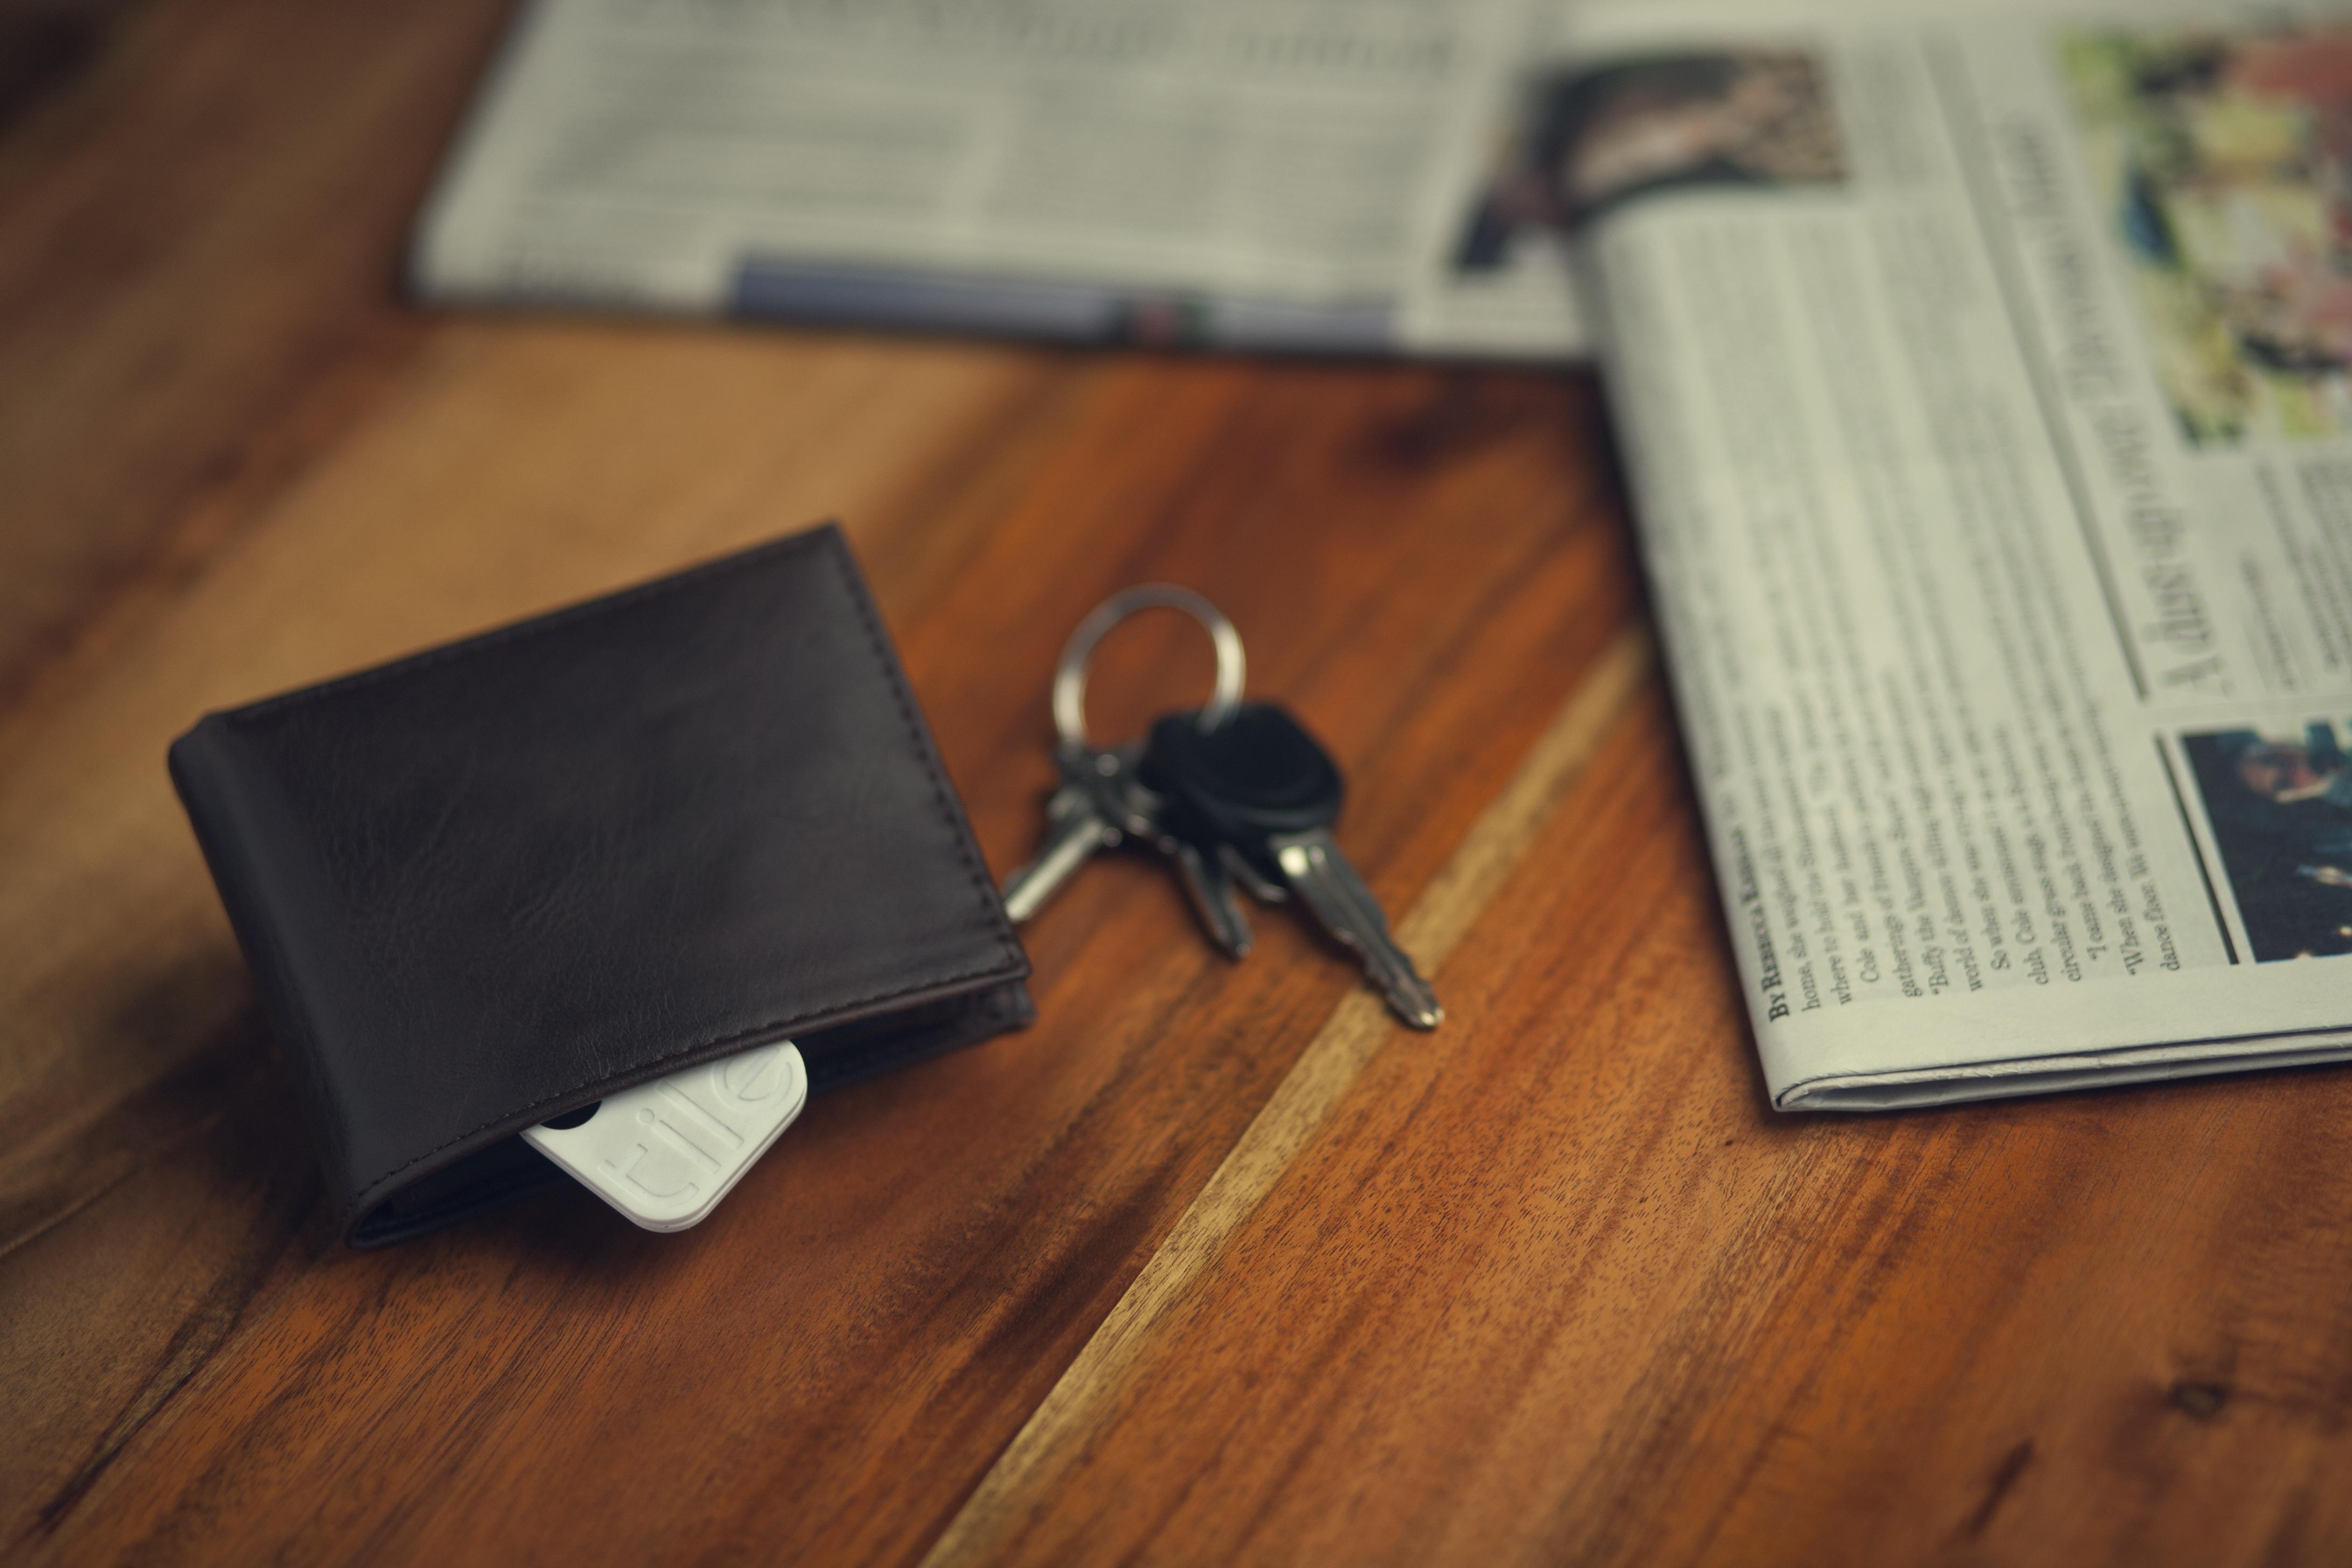 Tile transponder inside wallet